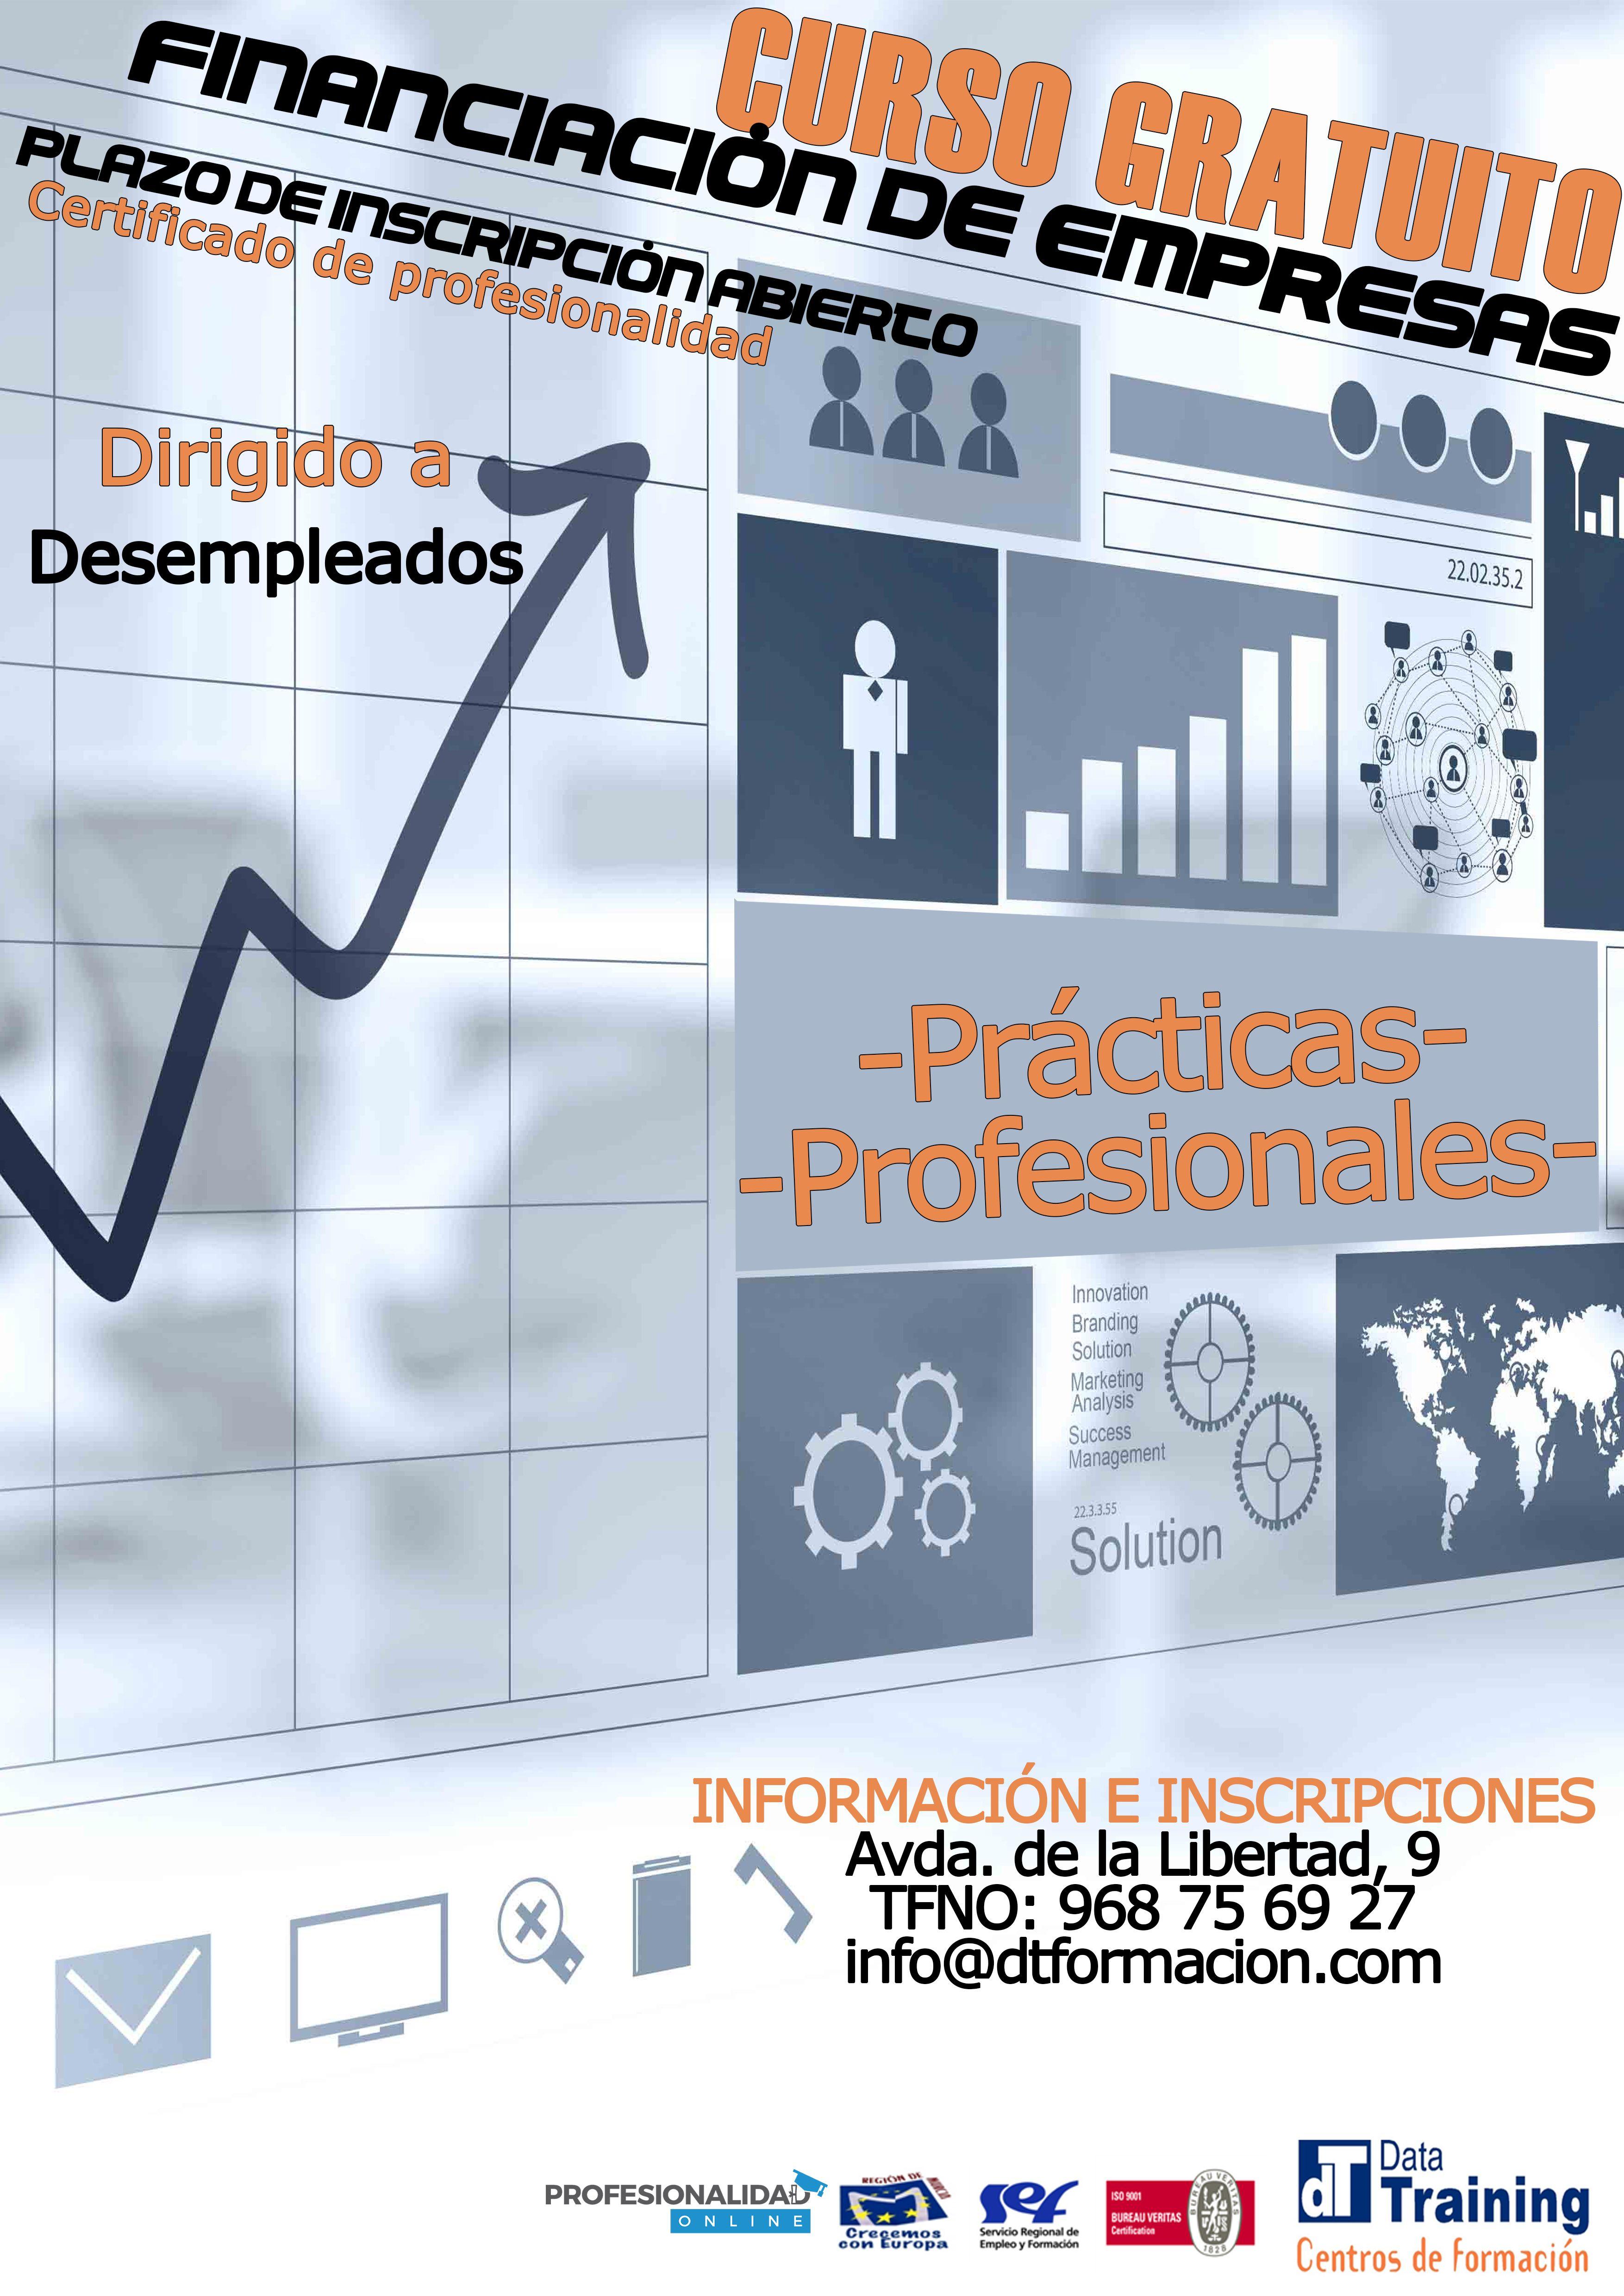 CURSO FINANCIACIÓN DE EMPRESAS